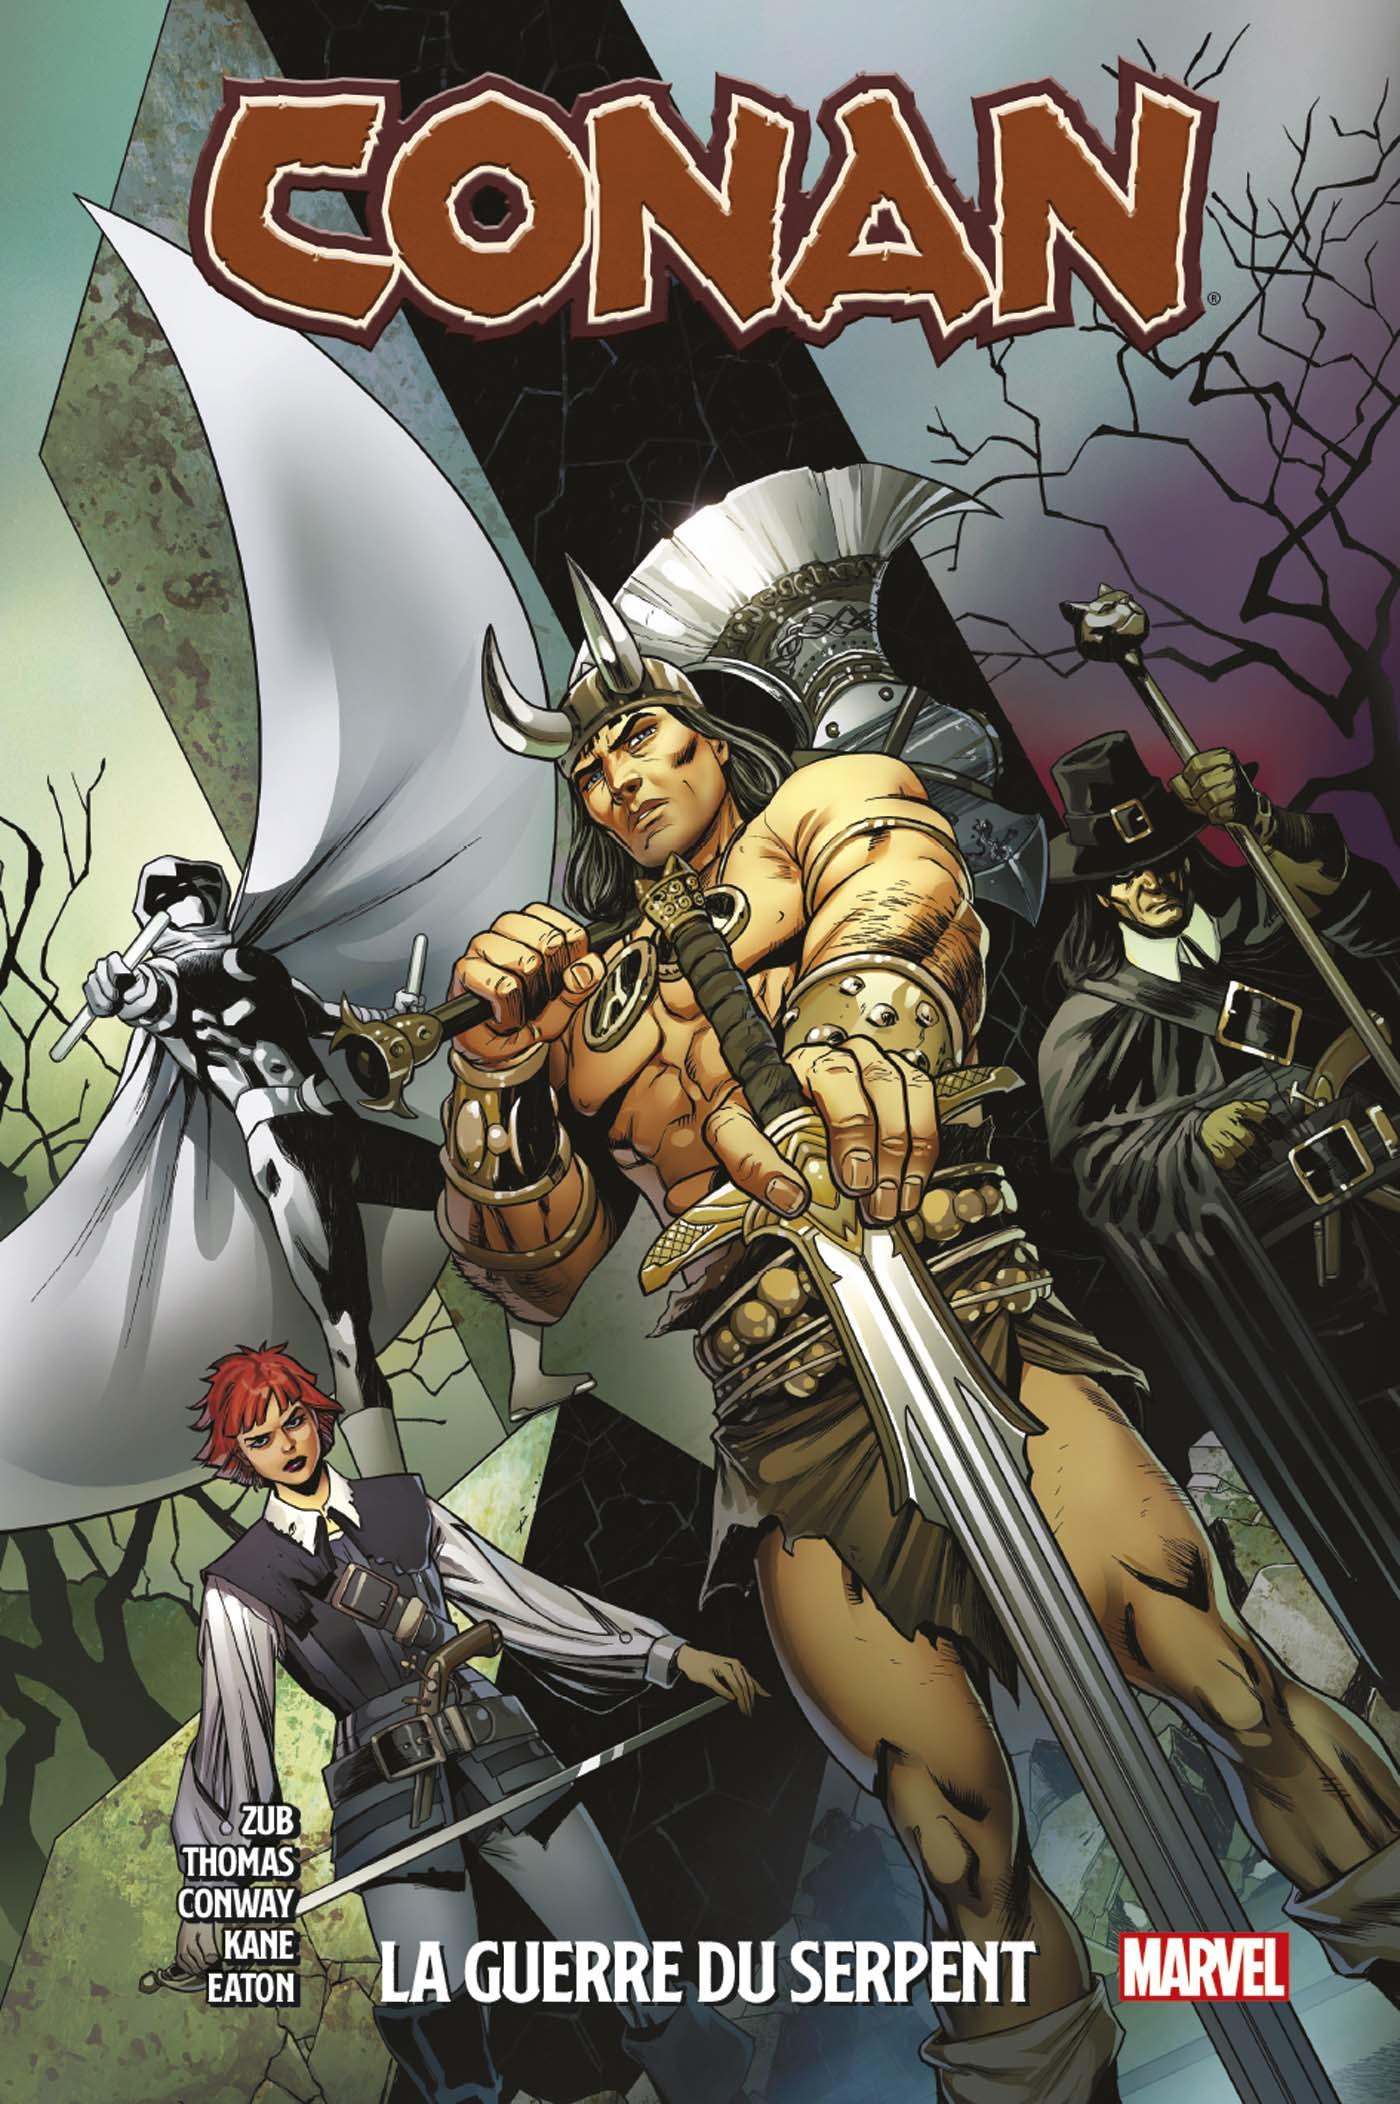 Conan - Serpent War 1